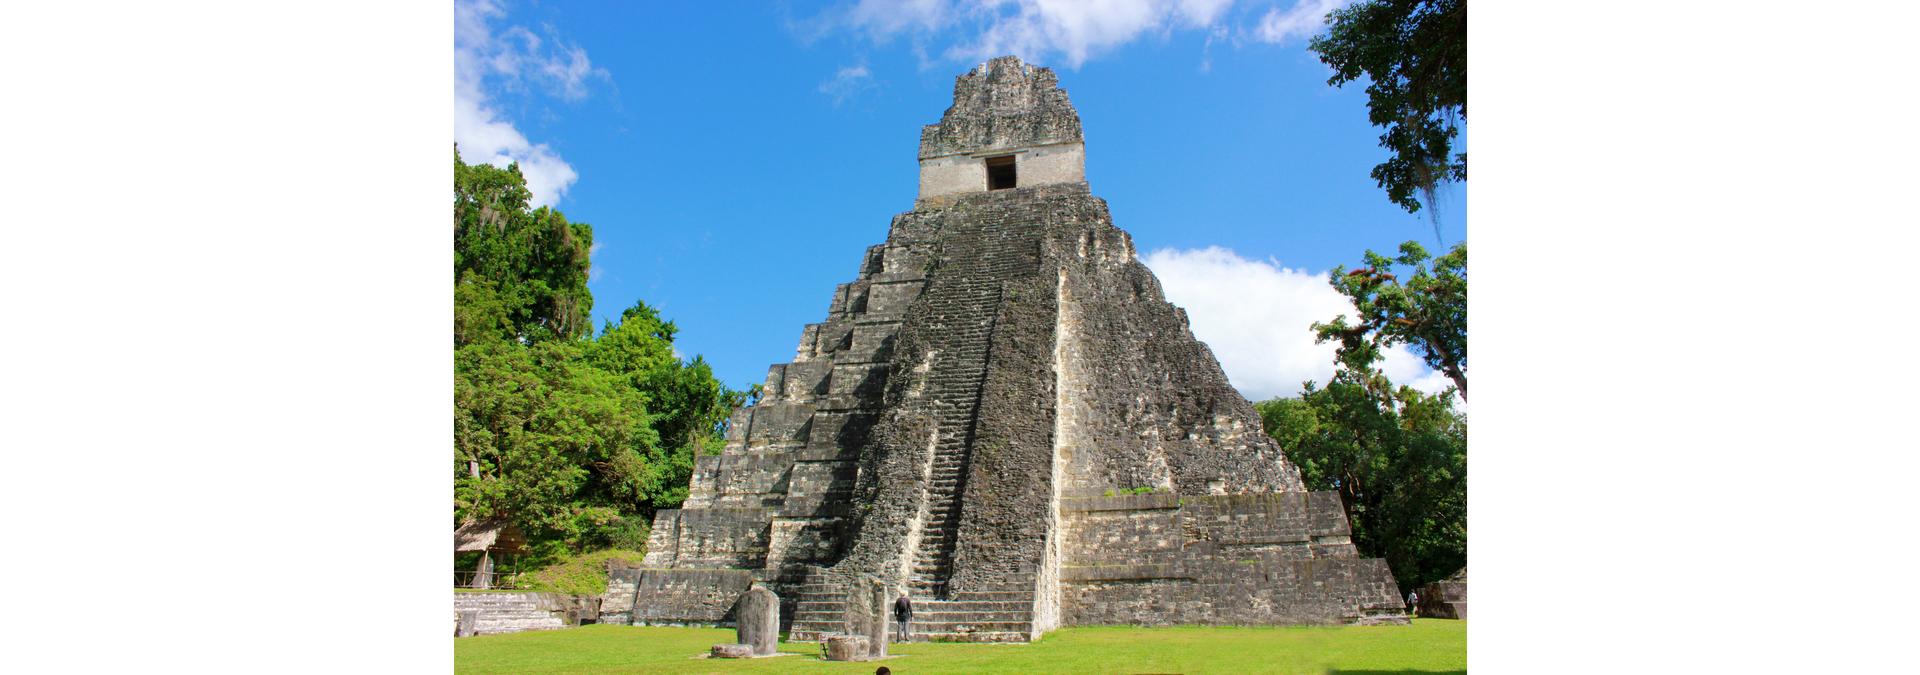 tikal maya ruins tour from belize